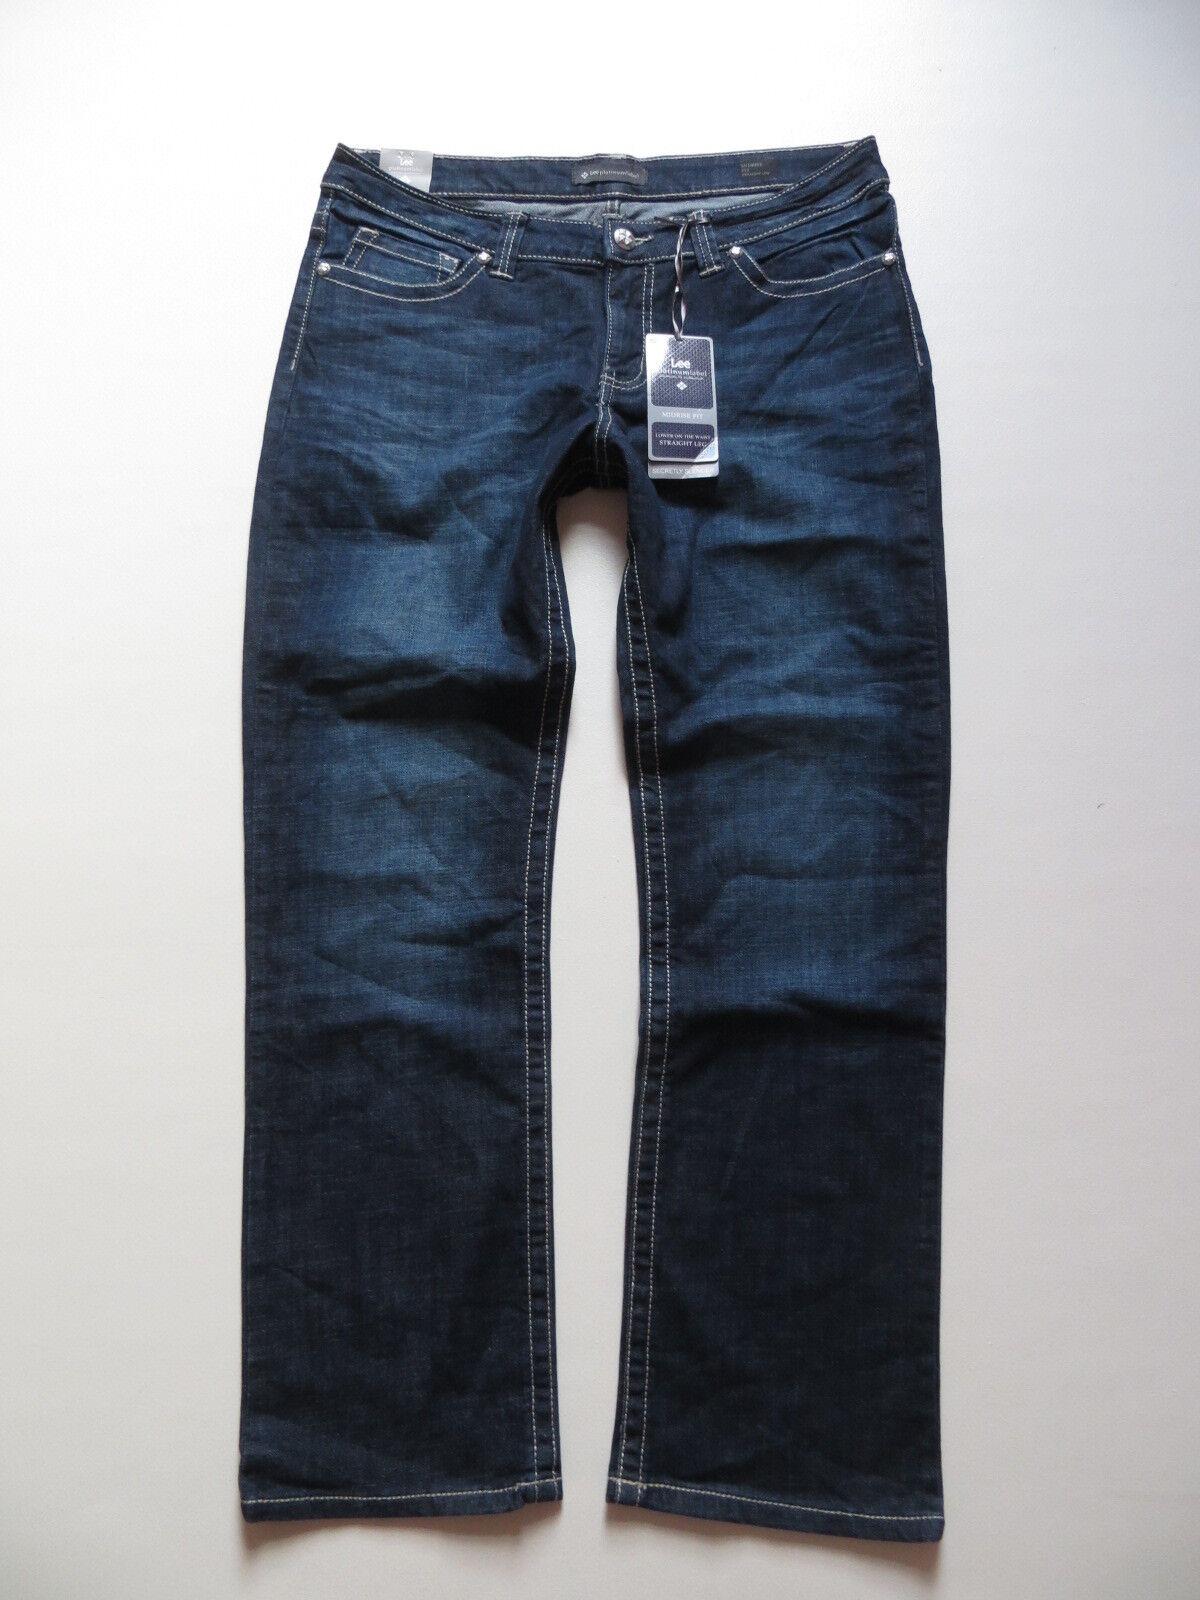 Lee platinum label Damen Jeans Hose W 36  L 30 NEU   Straight Stretch Denim